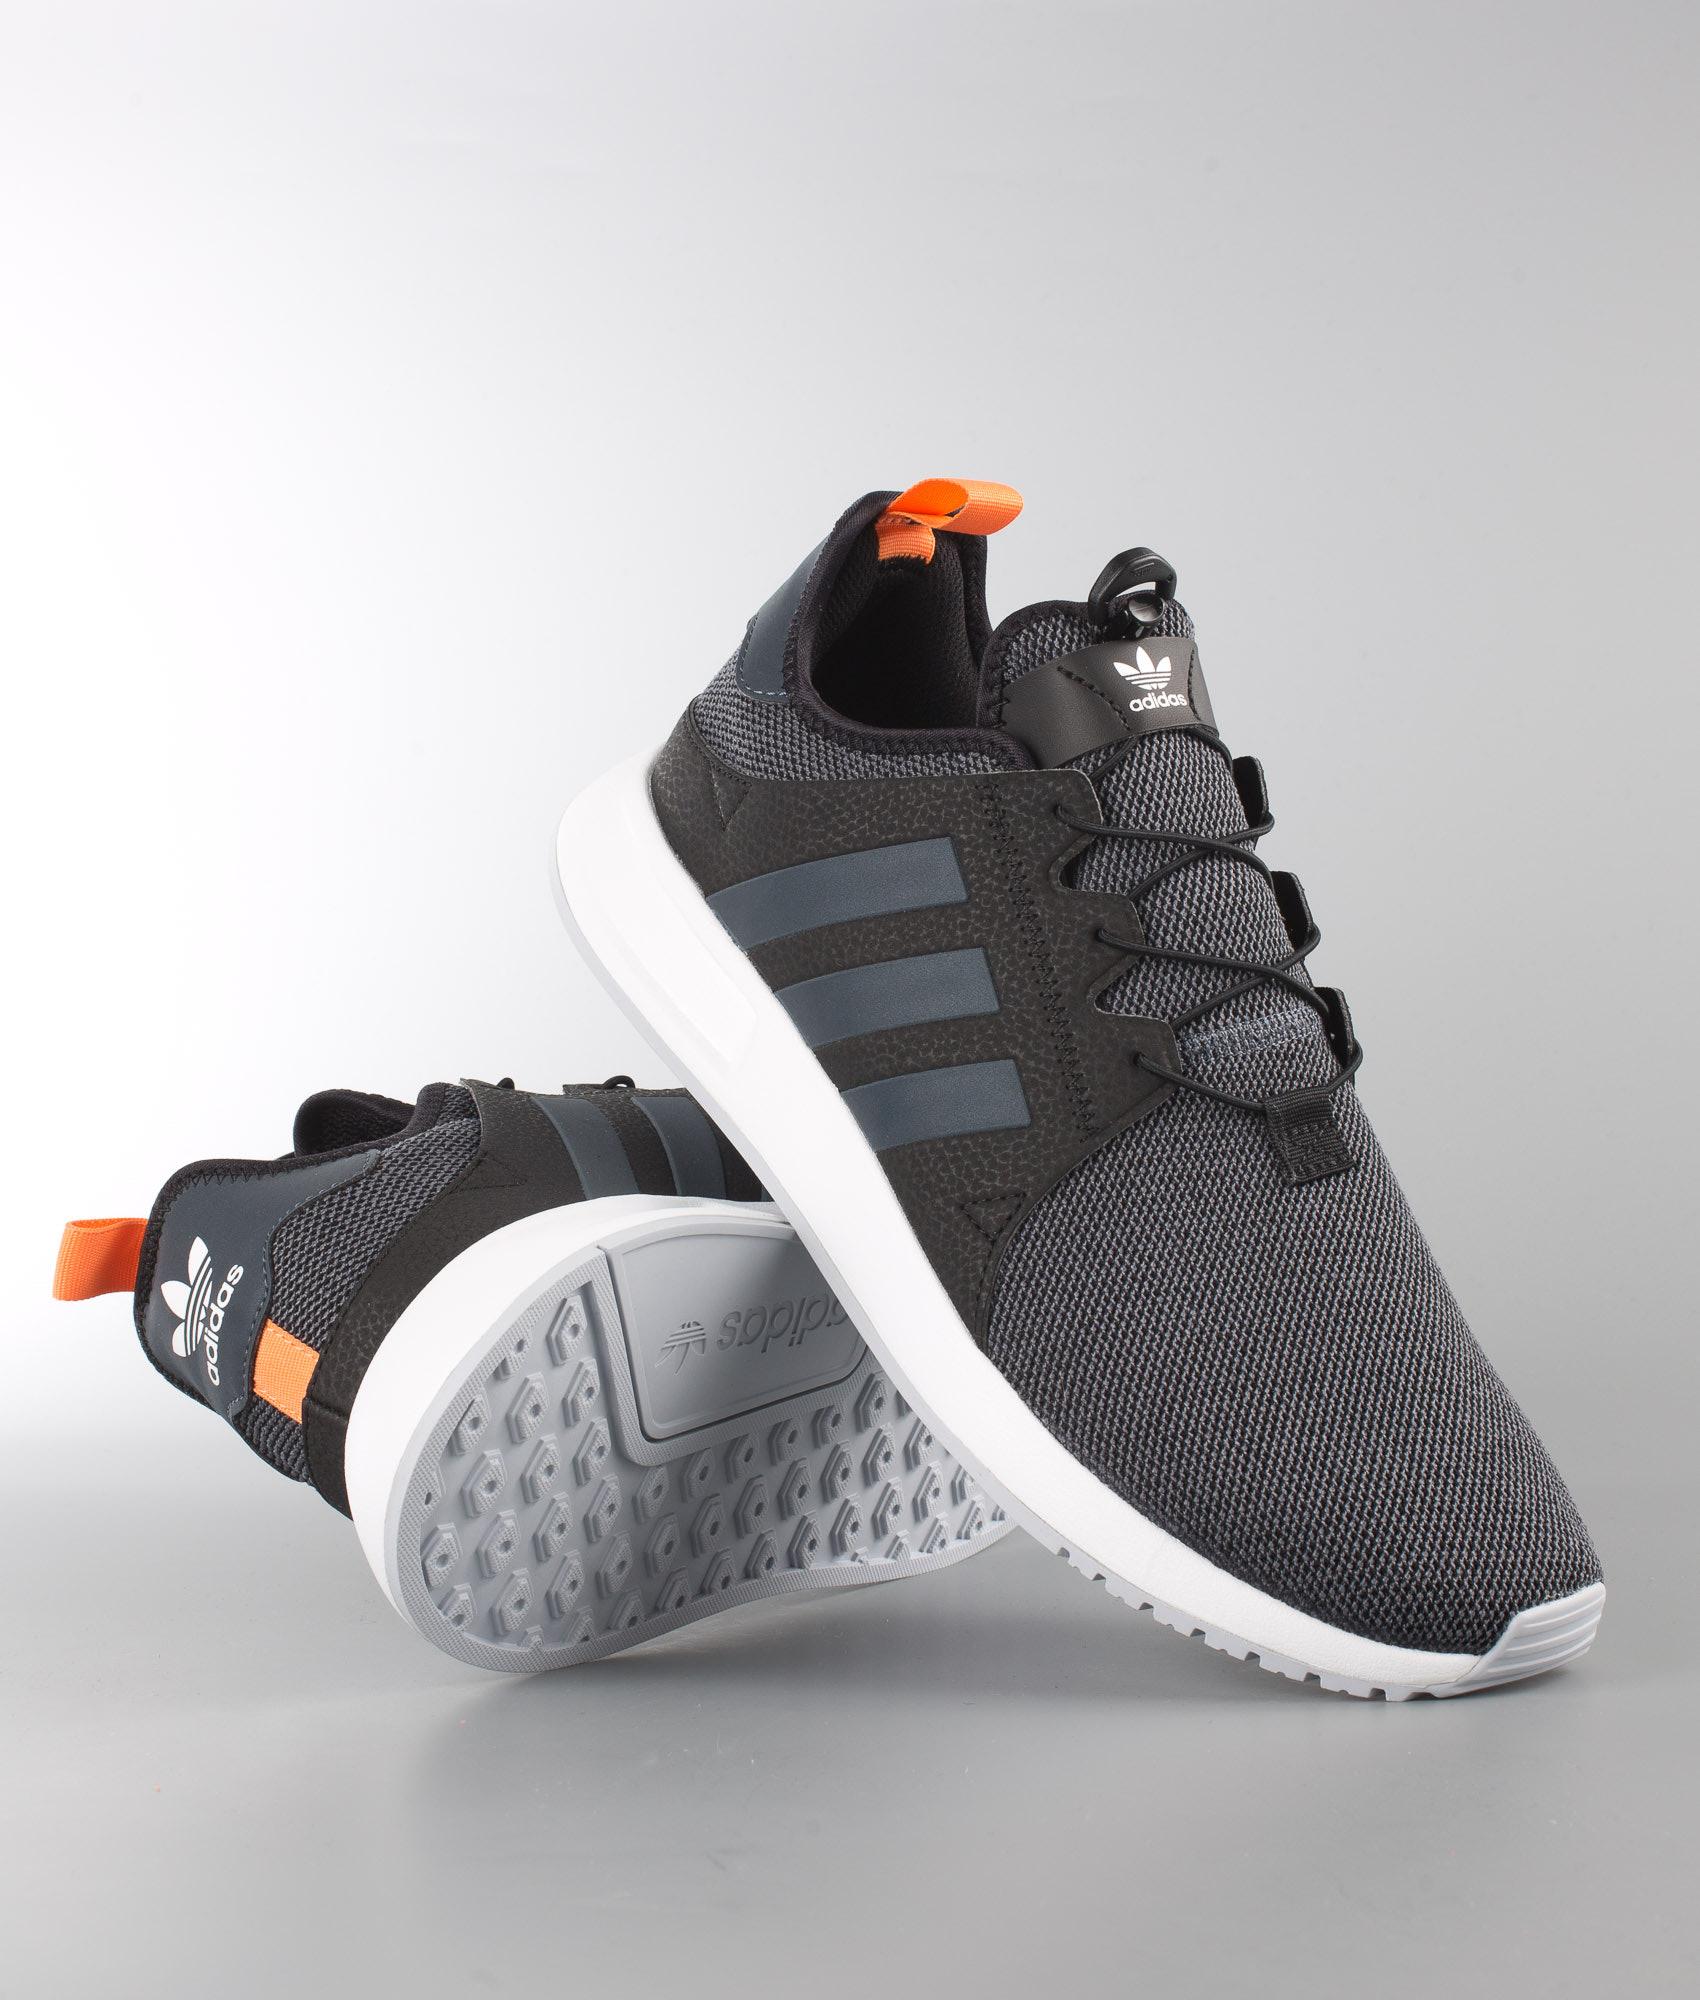 2002d64458d Adidas Originals X PLR Shoes Cblack Boonix Easora - Ridestore.com